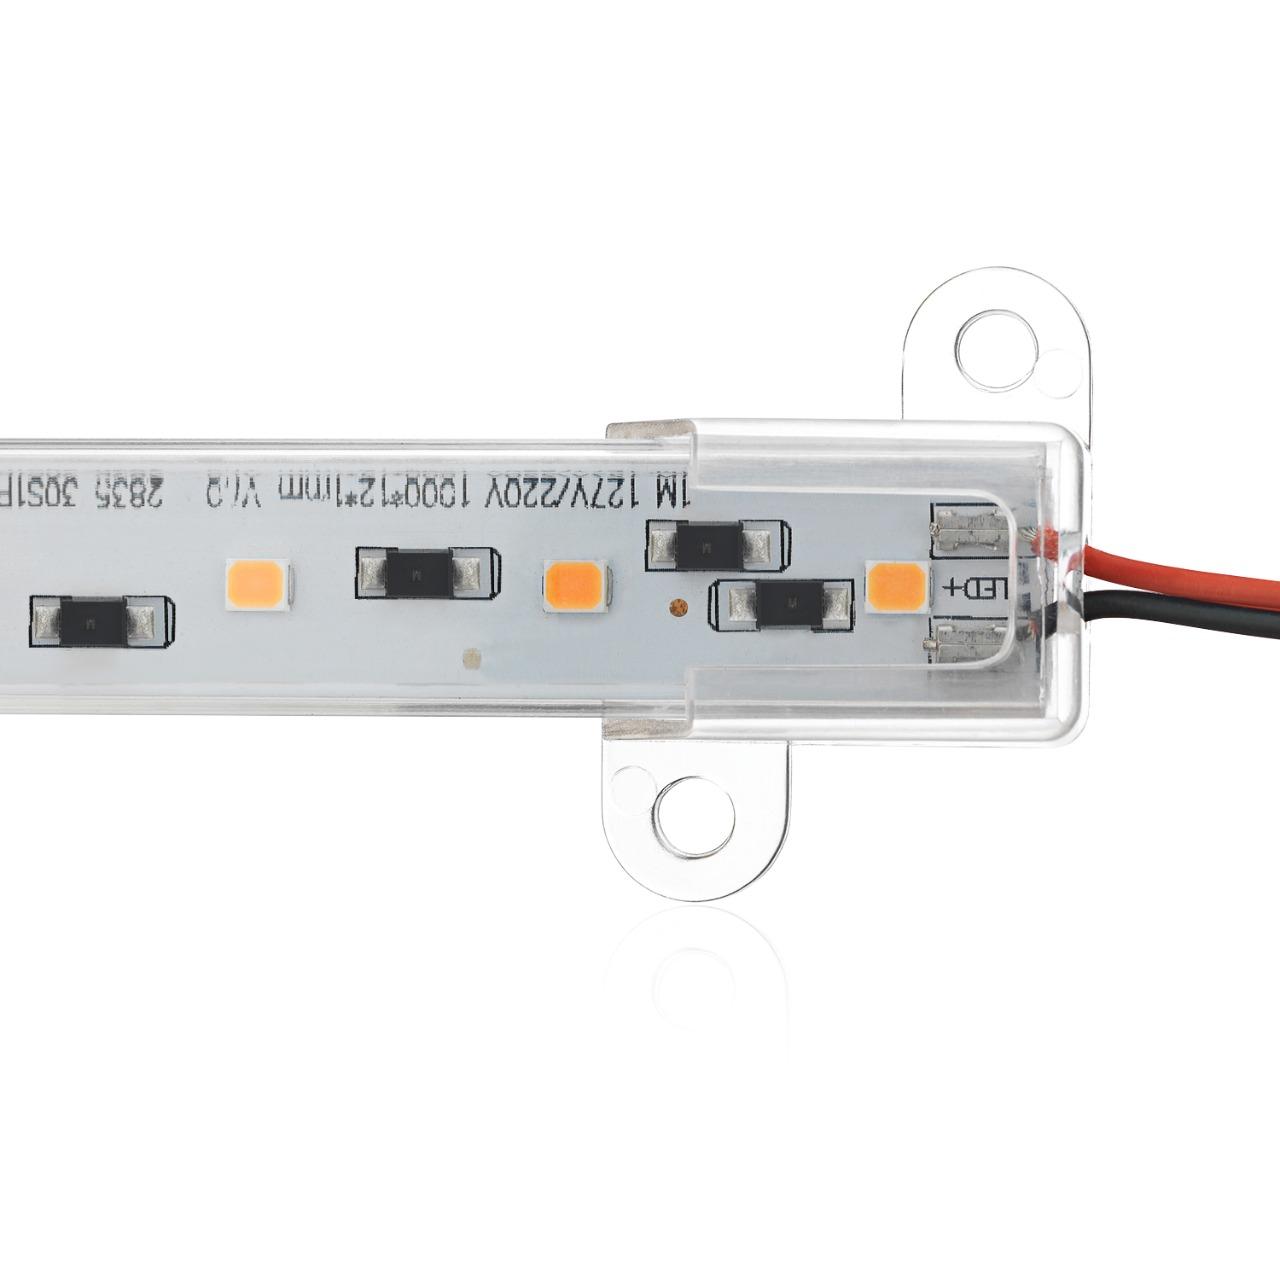 PLACA DE LED - PLUG & PLAY -  10W